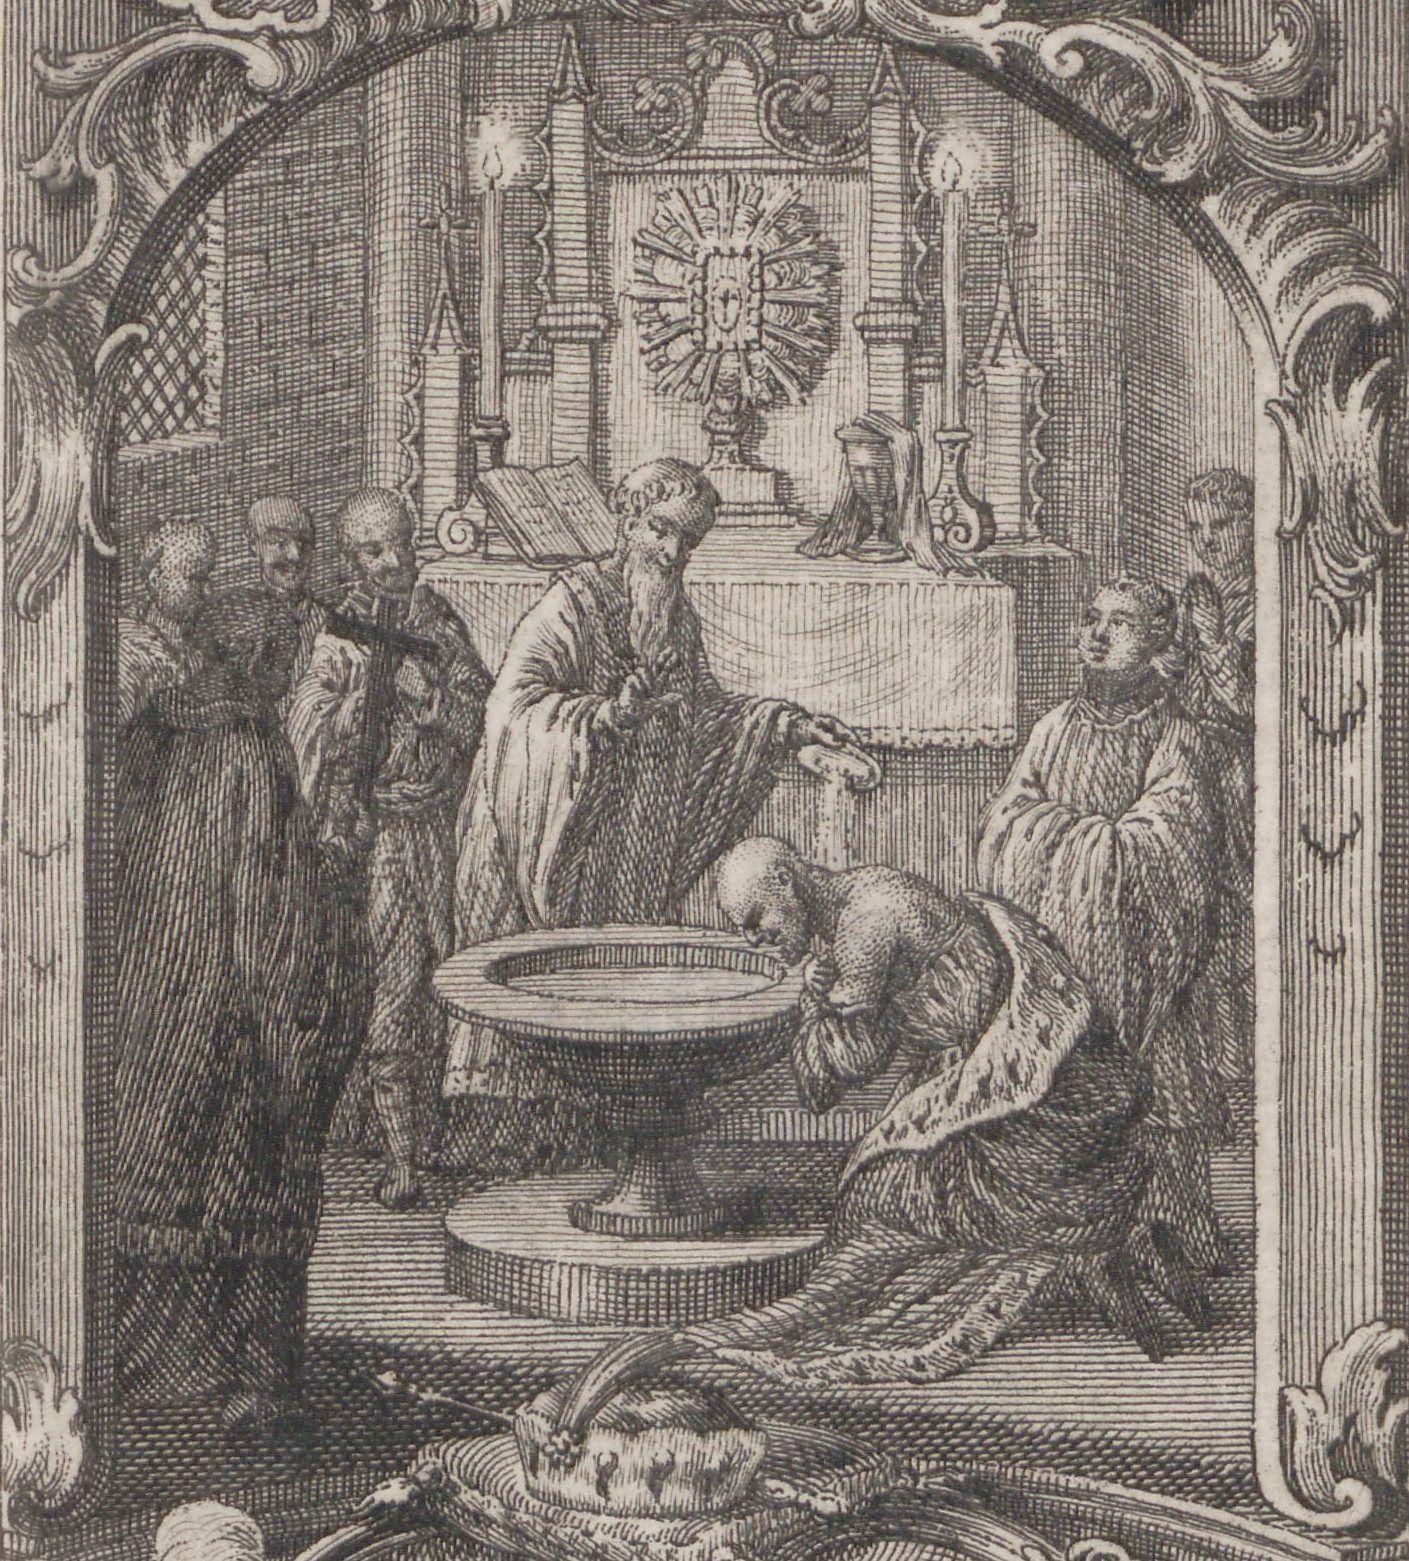 Dla Mieszka chrzest był tylko polityczną koniecznością. Chrobry traktował nową wiarę znacznie poważniej i brutalnie karał tych, którzy nie przestrzegali jej zasad. Na ilustracji XVIII-wiecznie wyobrażenie chrztu Mieszka I.